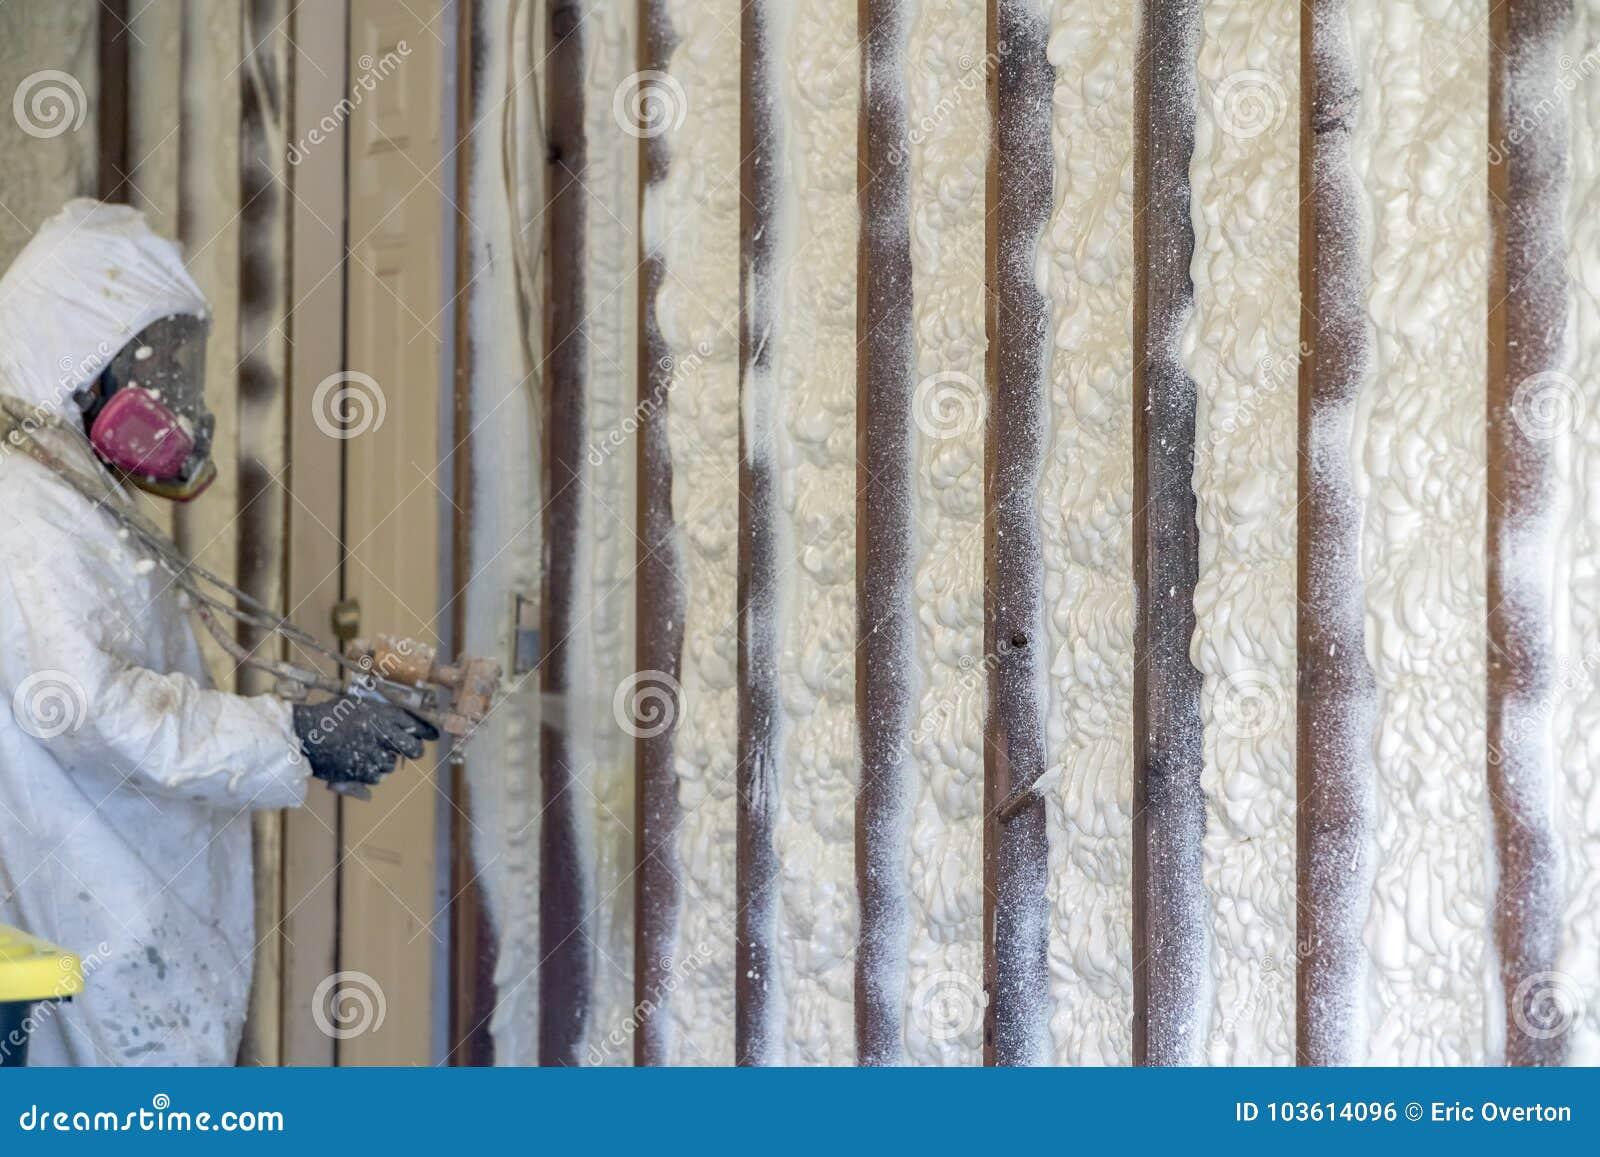 Aislamiento cerrado de rociadura de la espuma del espray de la célula del trabajador en un hogar